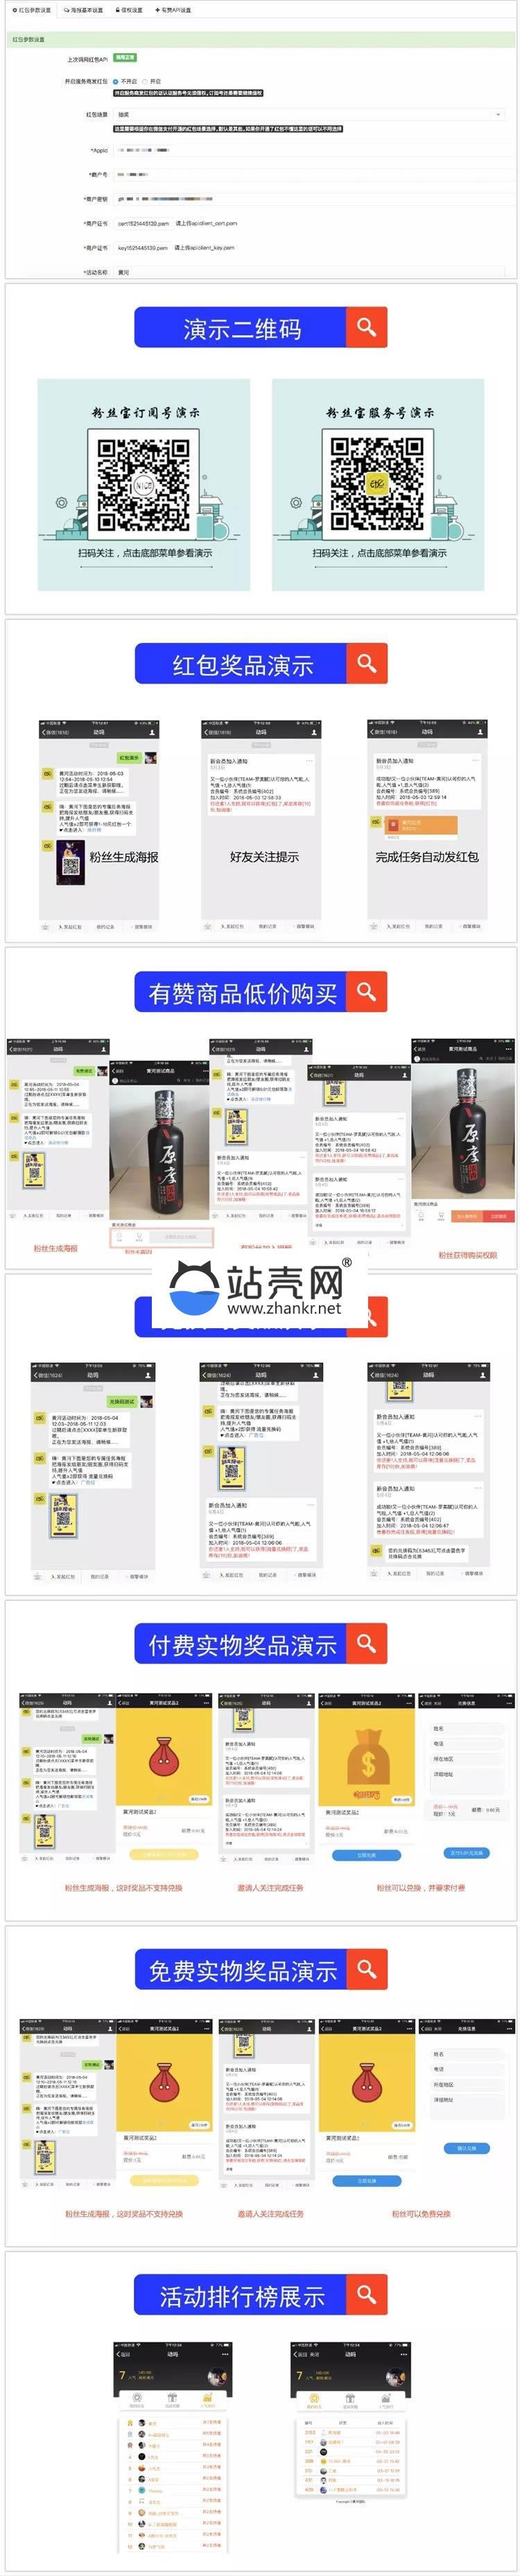 <i></i>功能模块 黄河·粉丝宝任务宝 11.4.3 开源版_源码下载